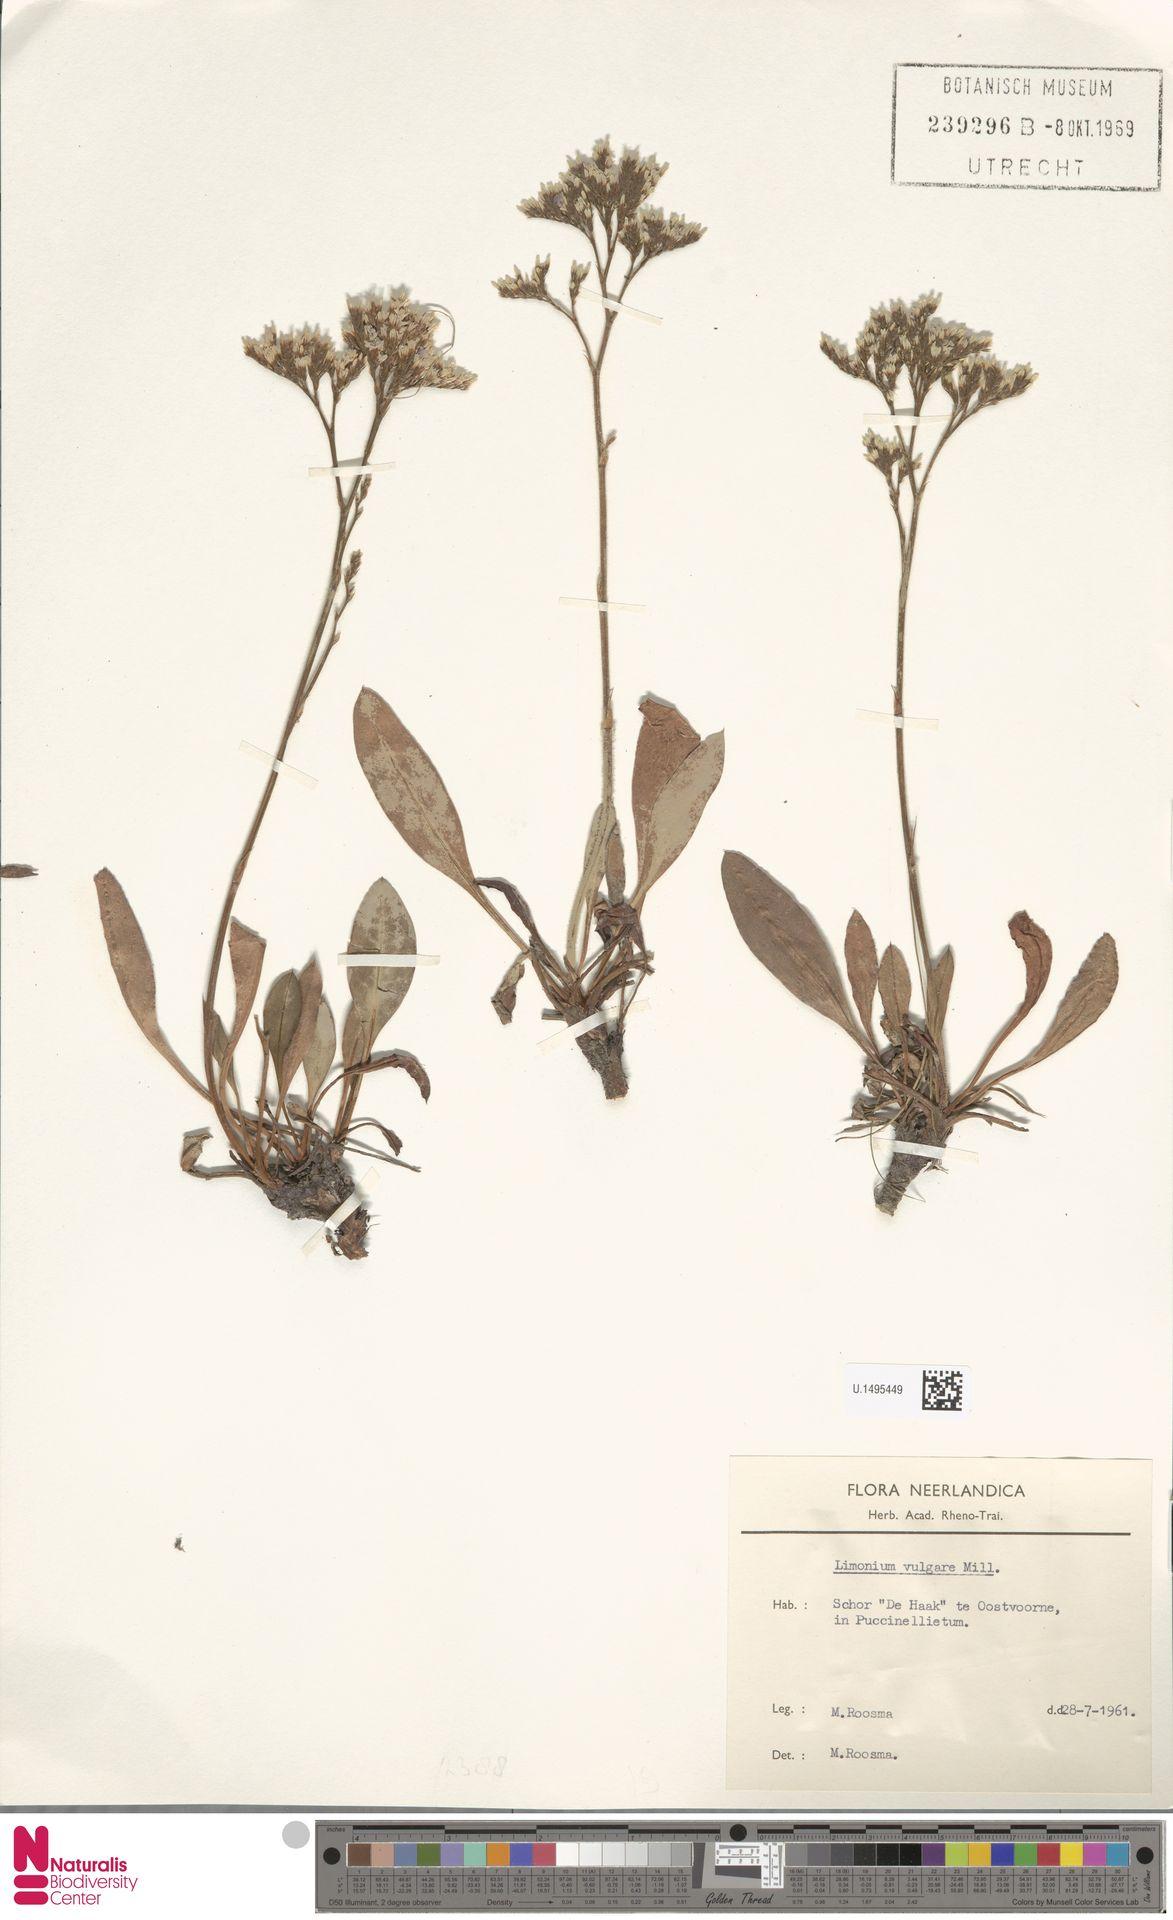 U.1495449 | Limonium vulgare Mill.